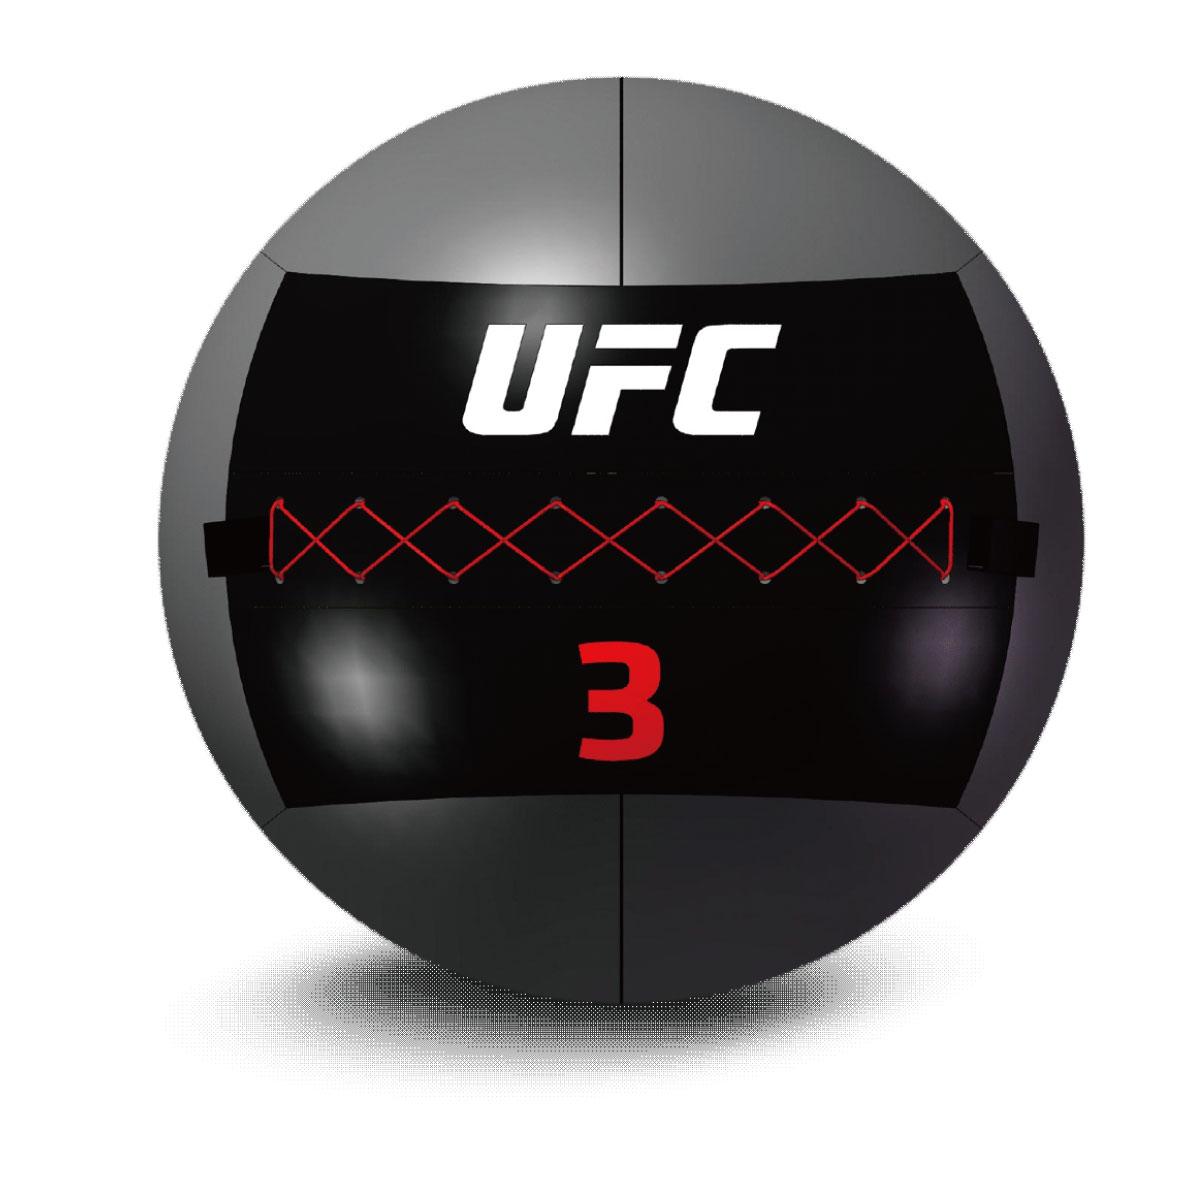 ウォールボール/スラムボール5個セット(2kg-10kg)〈業務用〉《総合格闘技UFCオフィシャル》